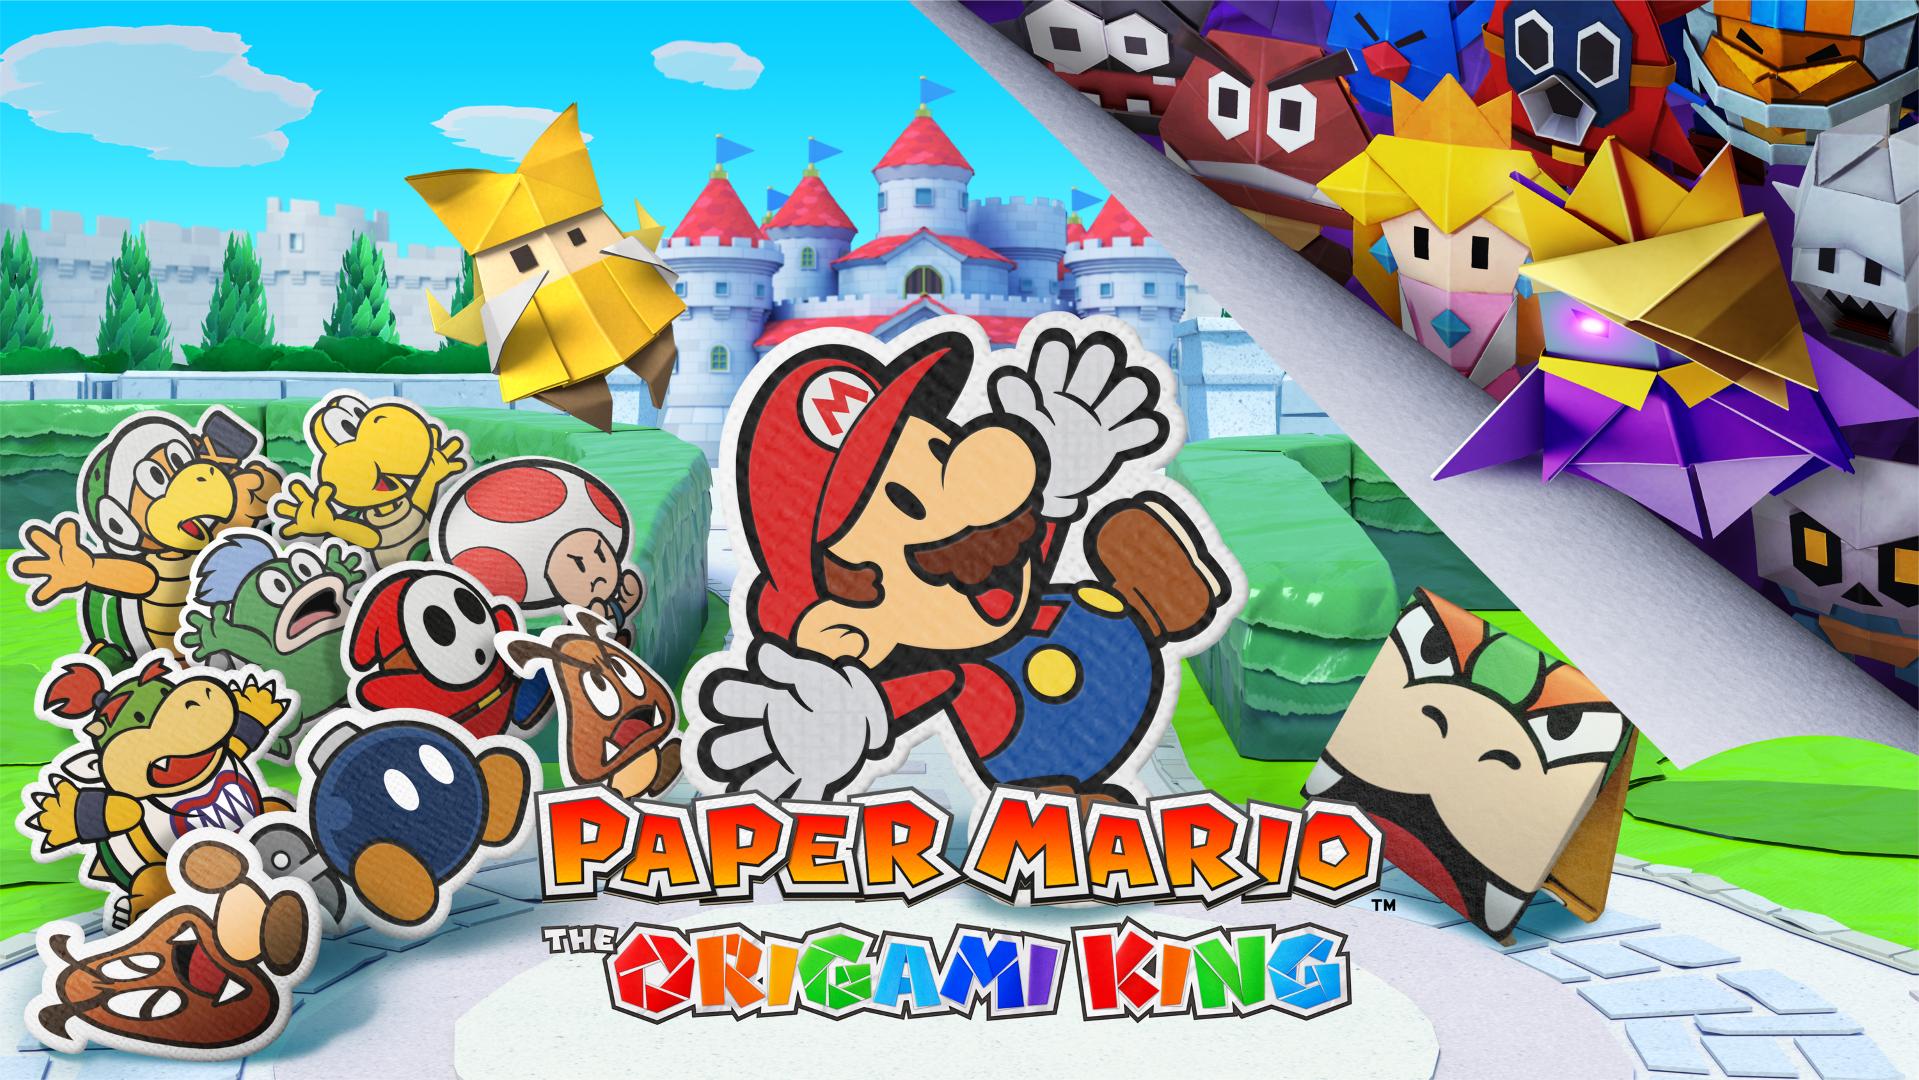 Paper Mario: Origami King - một hình ảnh hộp và ảnh chụp màn hình từ bộ báo chí 2